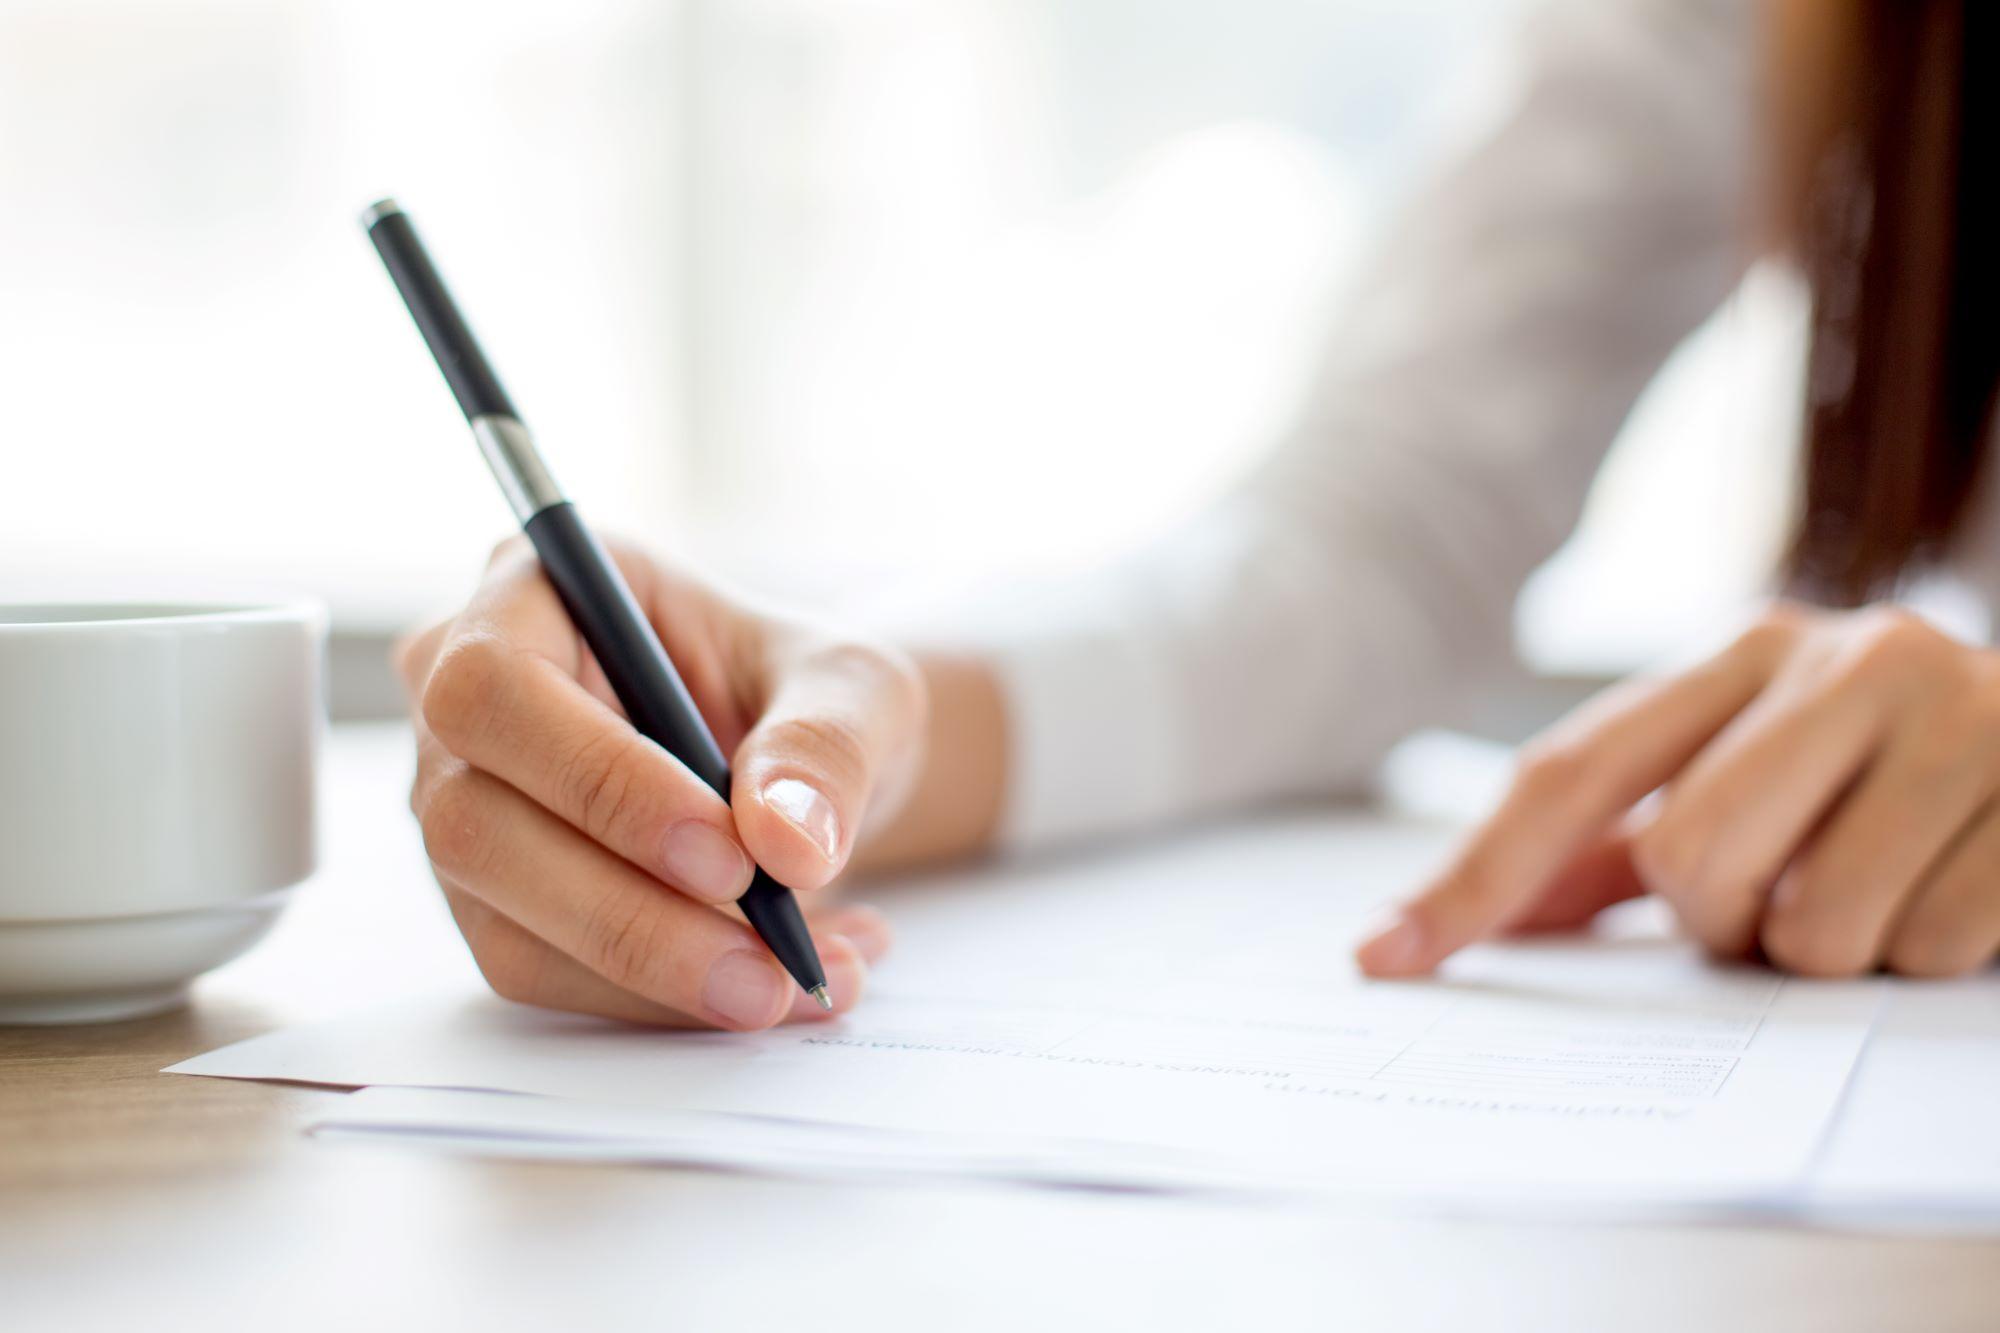 Pensioenfederatie reageert op consultatie mandaat Europese toezichthouders